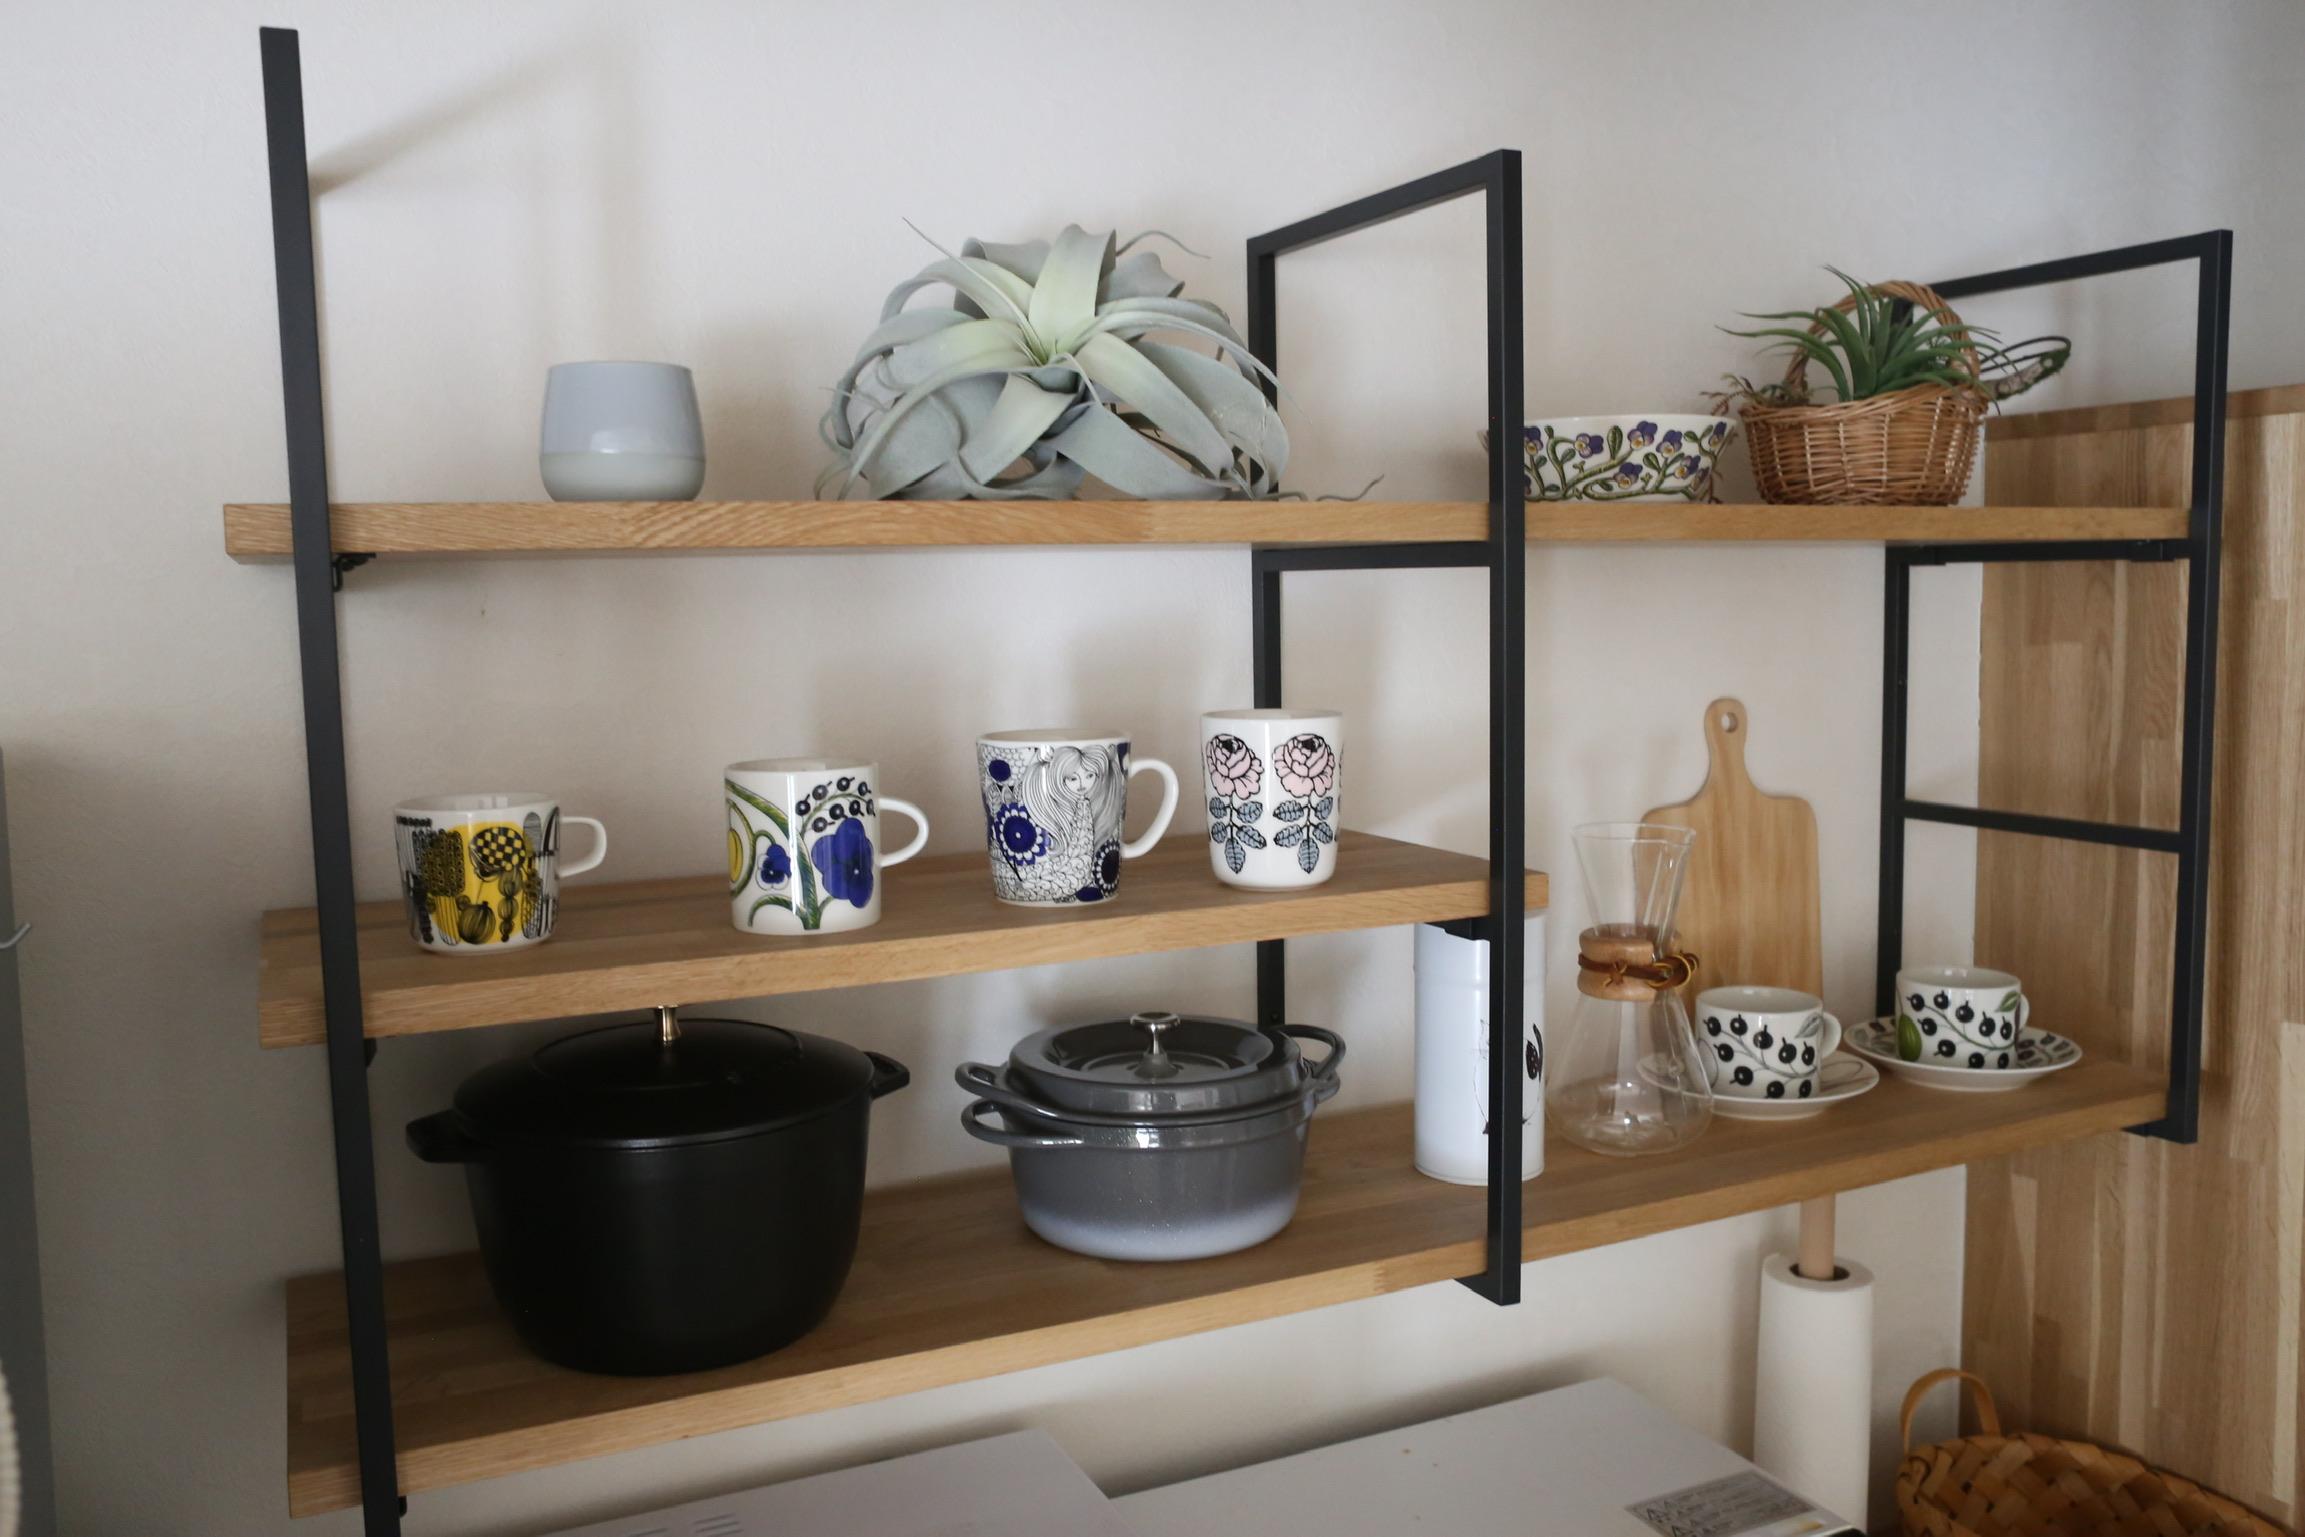 《web内覧会2019》キッチン背面収納2 造作と既製品の組み合わせで作る自分好みの背面収納